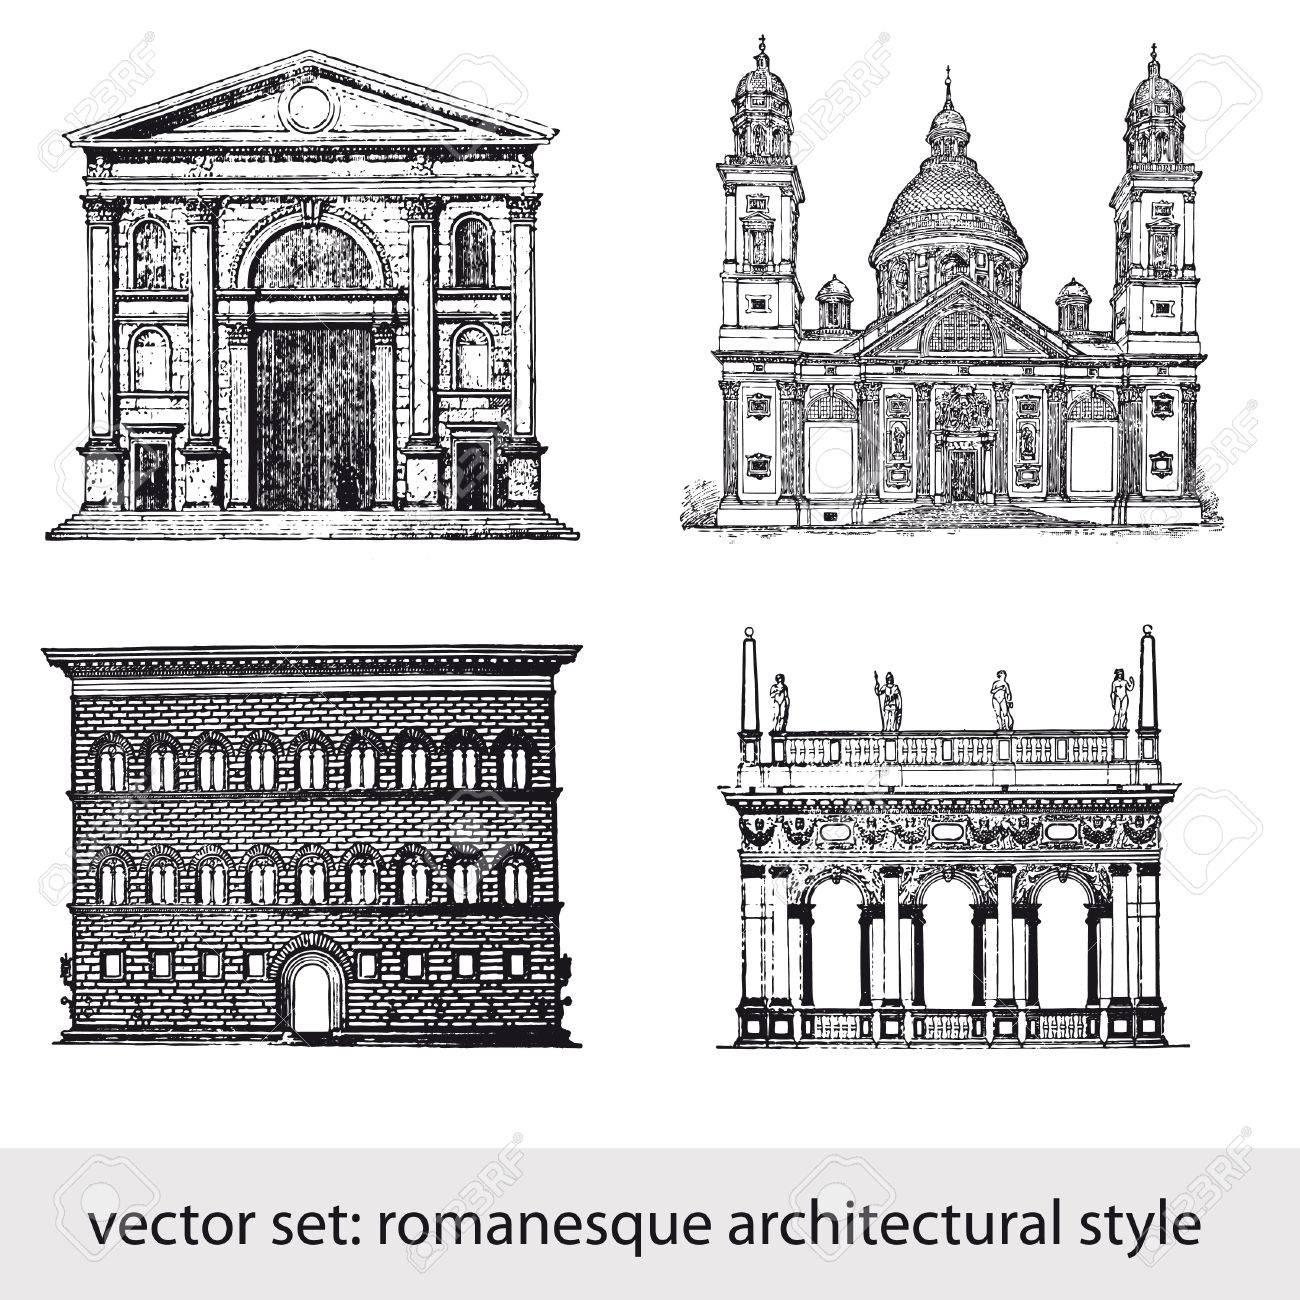 ロマネスク建築様式のイラスト素材・ベクタ - Image 10381028.